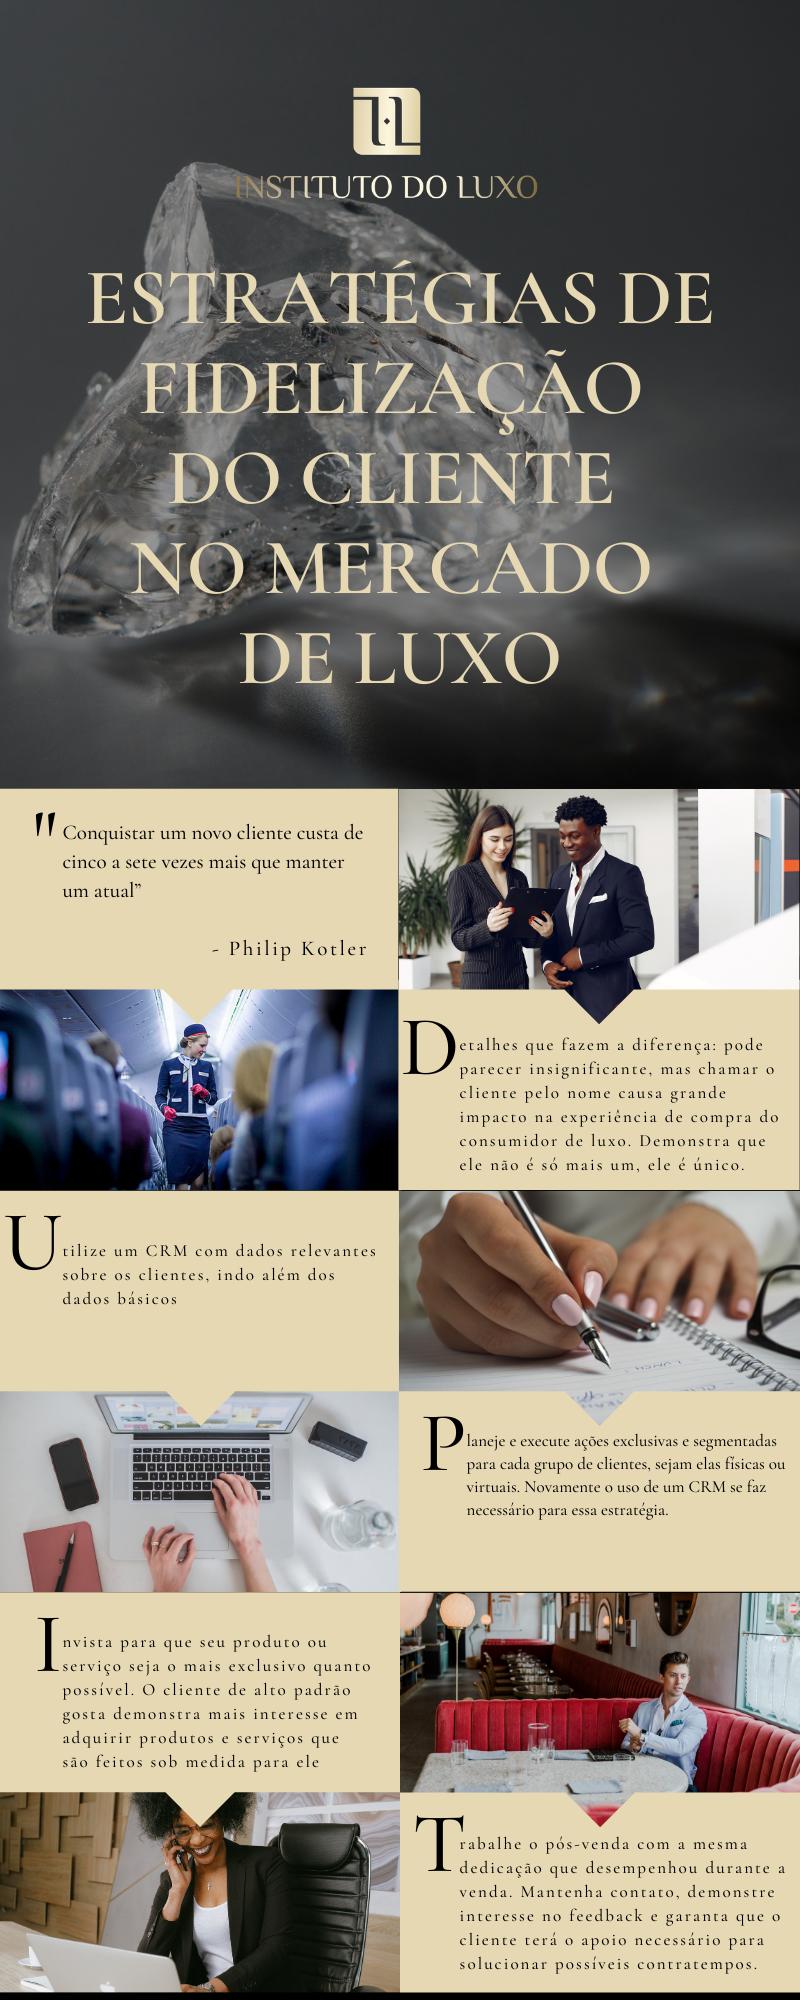 Estratégias de fidelização do cliente  no mercado de luxo